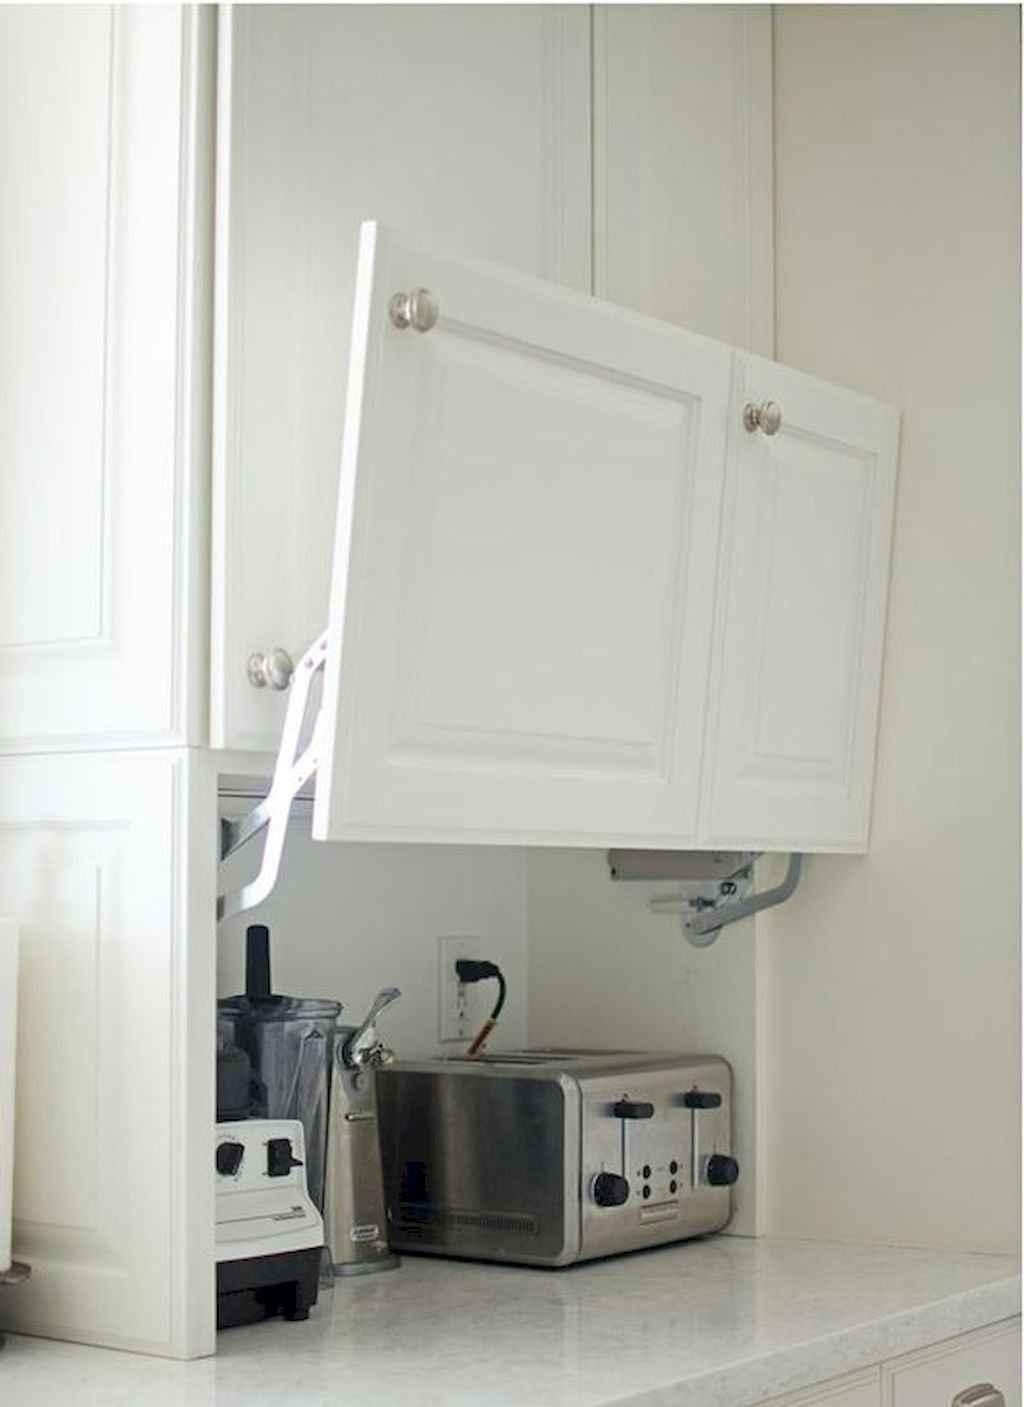 Ingenious hidden kitchen cabinet & storage solutions (15)